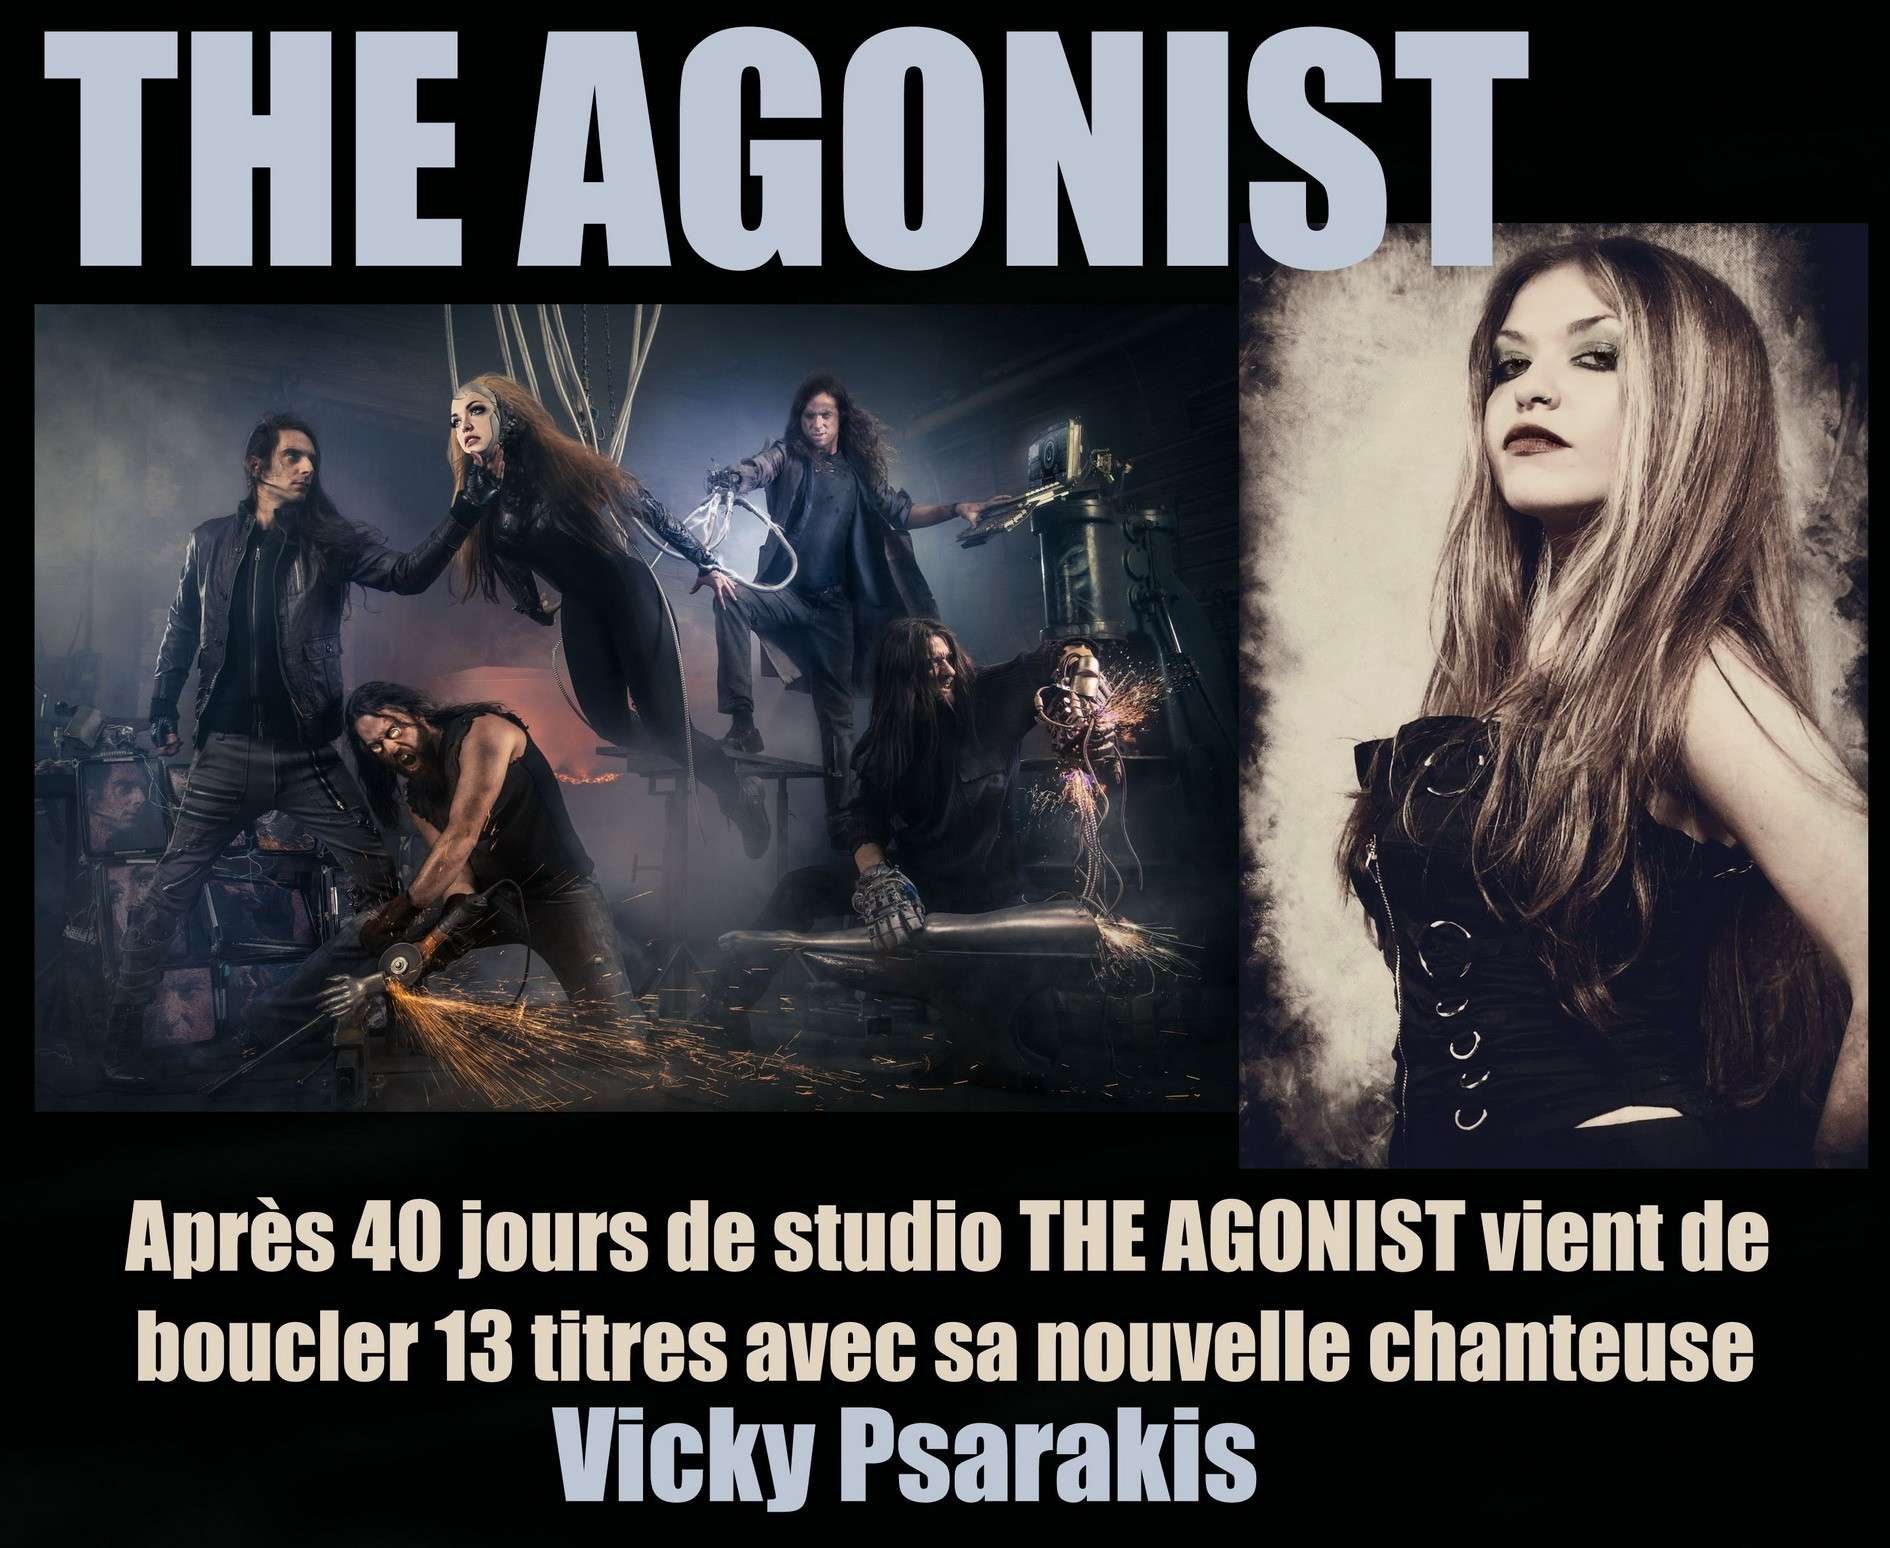 Les NEWS du METAL en VRAC ... - Page 4 Vicky_10